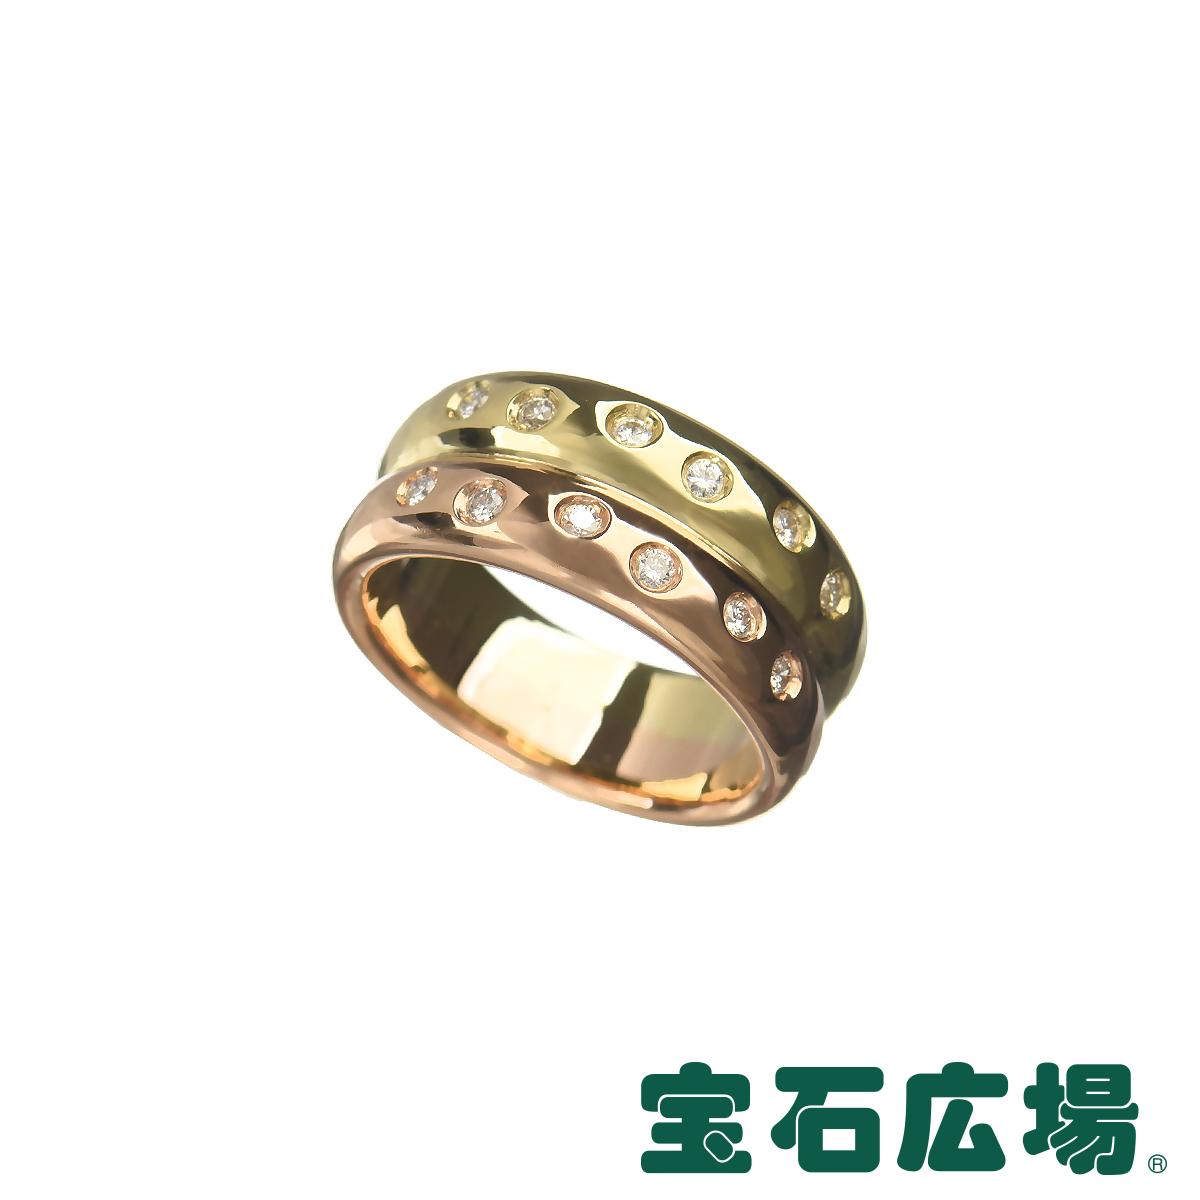 ノーブランド ダイヤ 2ロウリング 【中古】 ジュエリー 送料無料